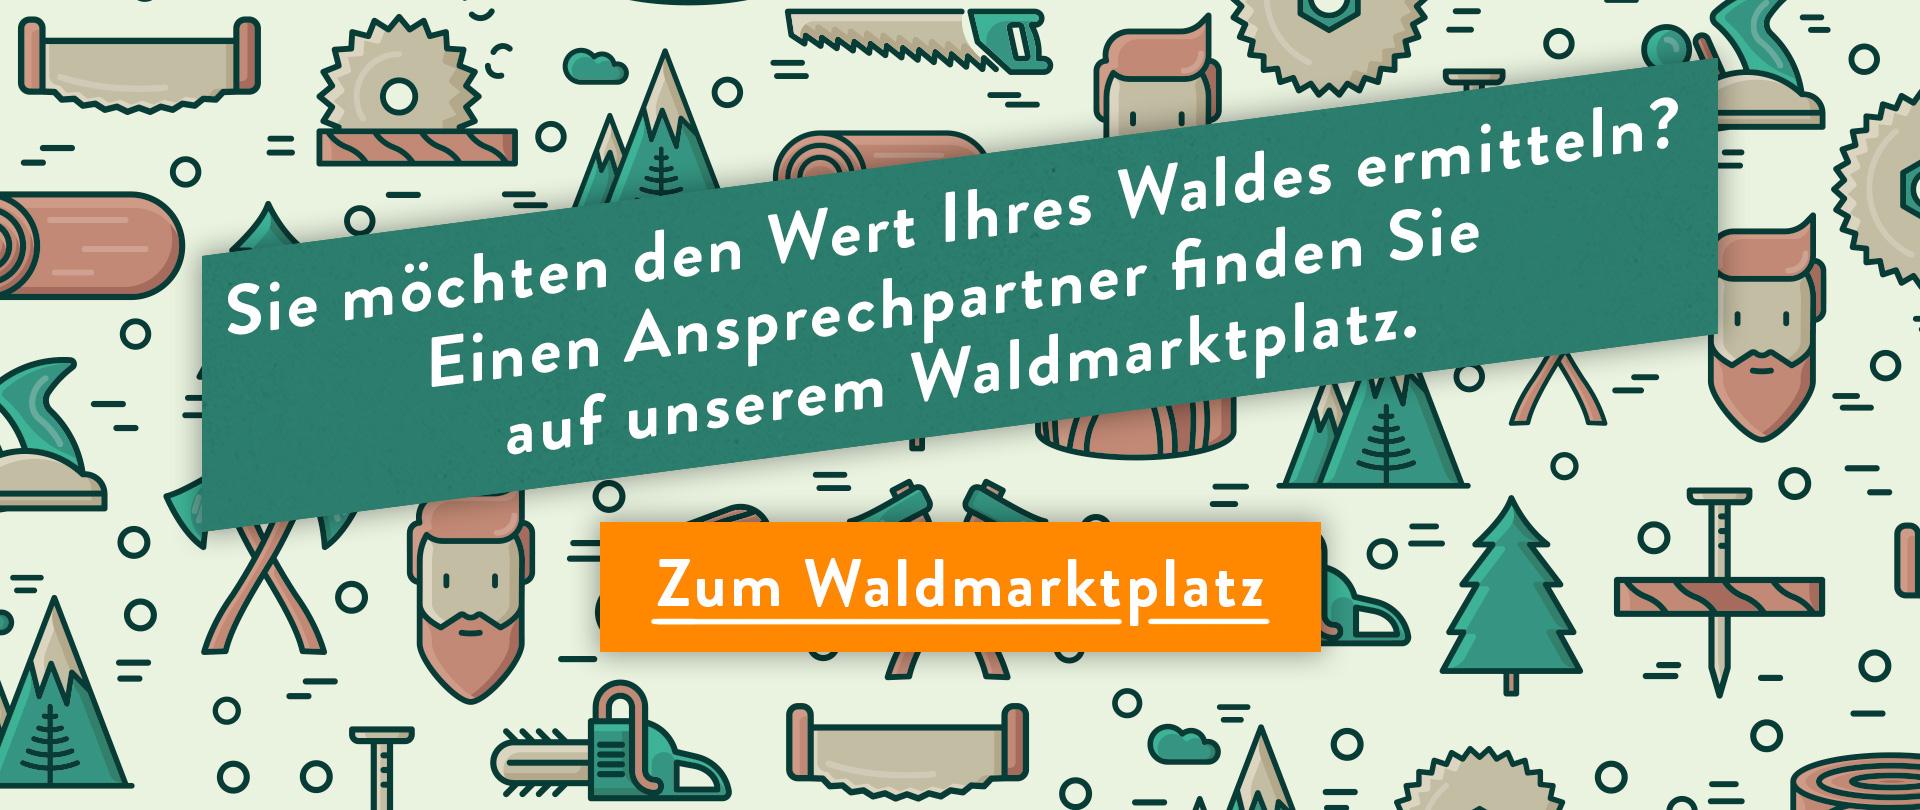 Sie möchten den Wert Ihres Waldes ermitteln? Einen Ansprechpartner finden Sie auf unserem Waldmarktplatz.